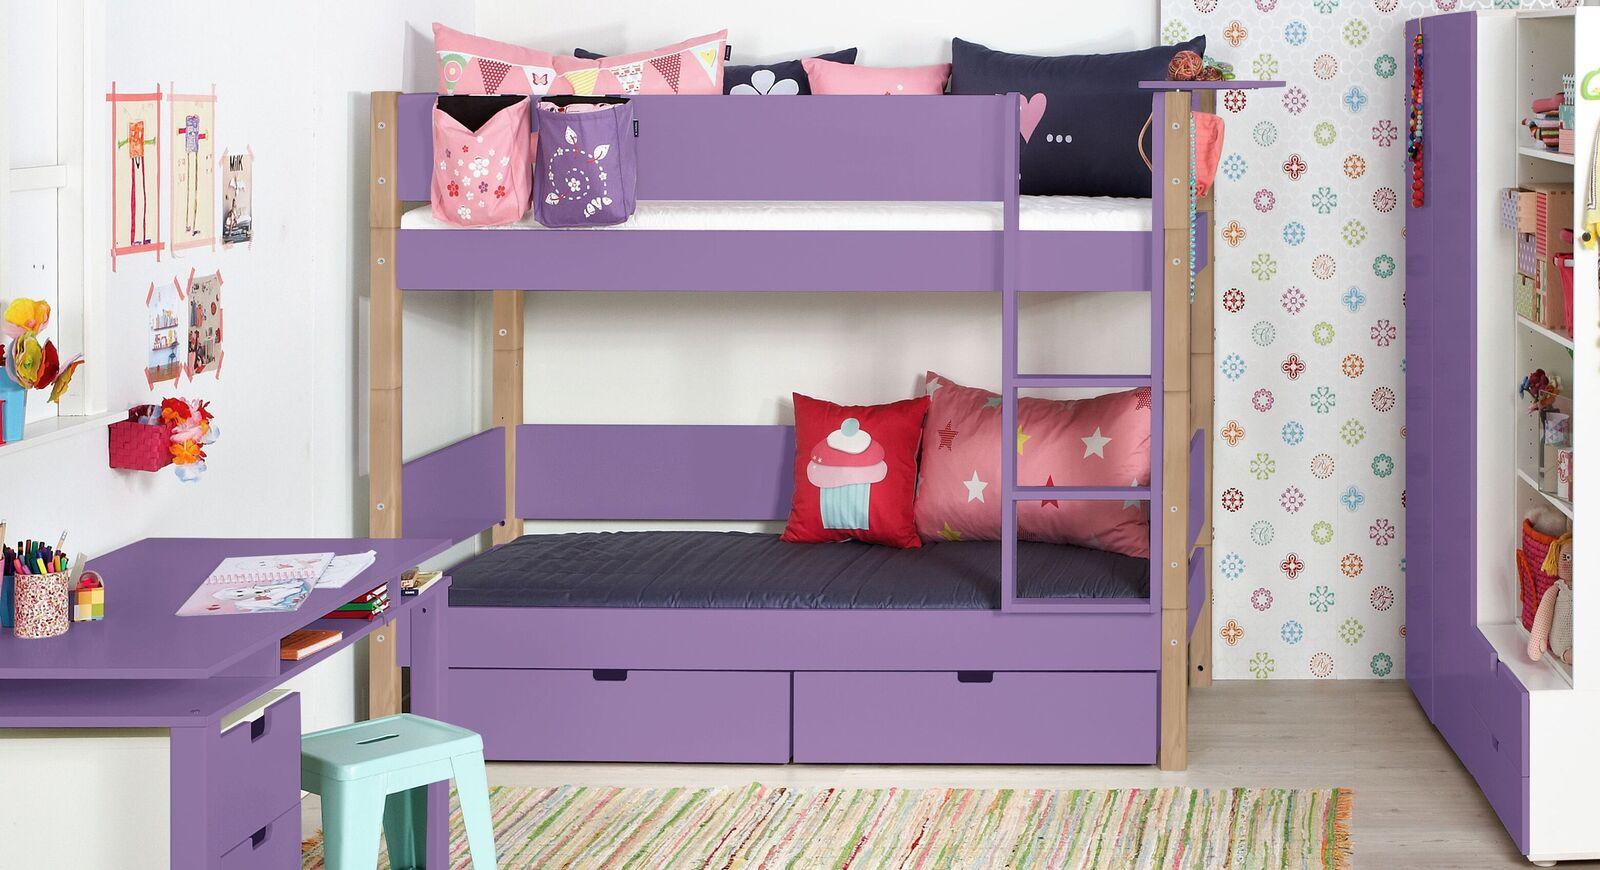 Violettes Etagenbett Kids Town Color mit Absturzsicherung und Buchenpfosten